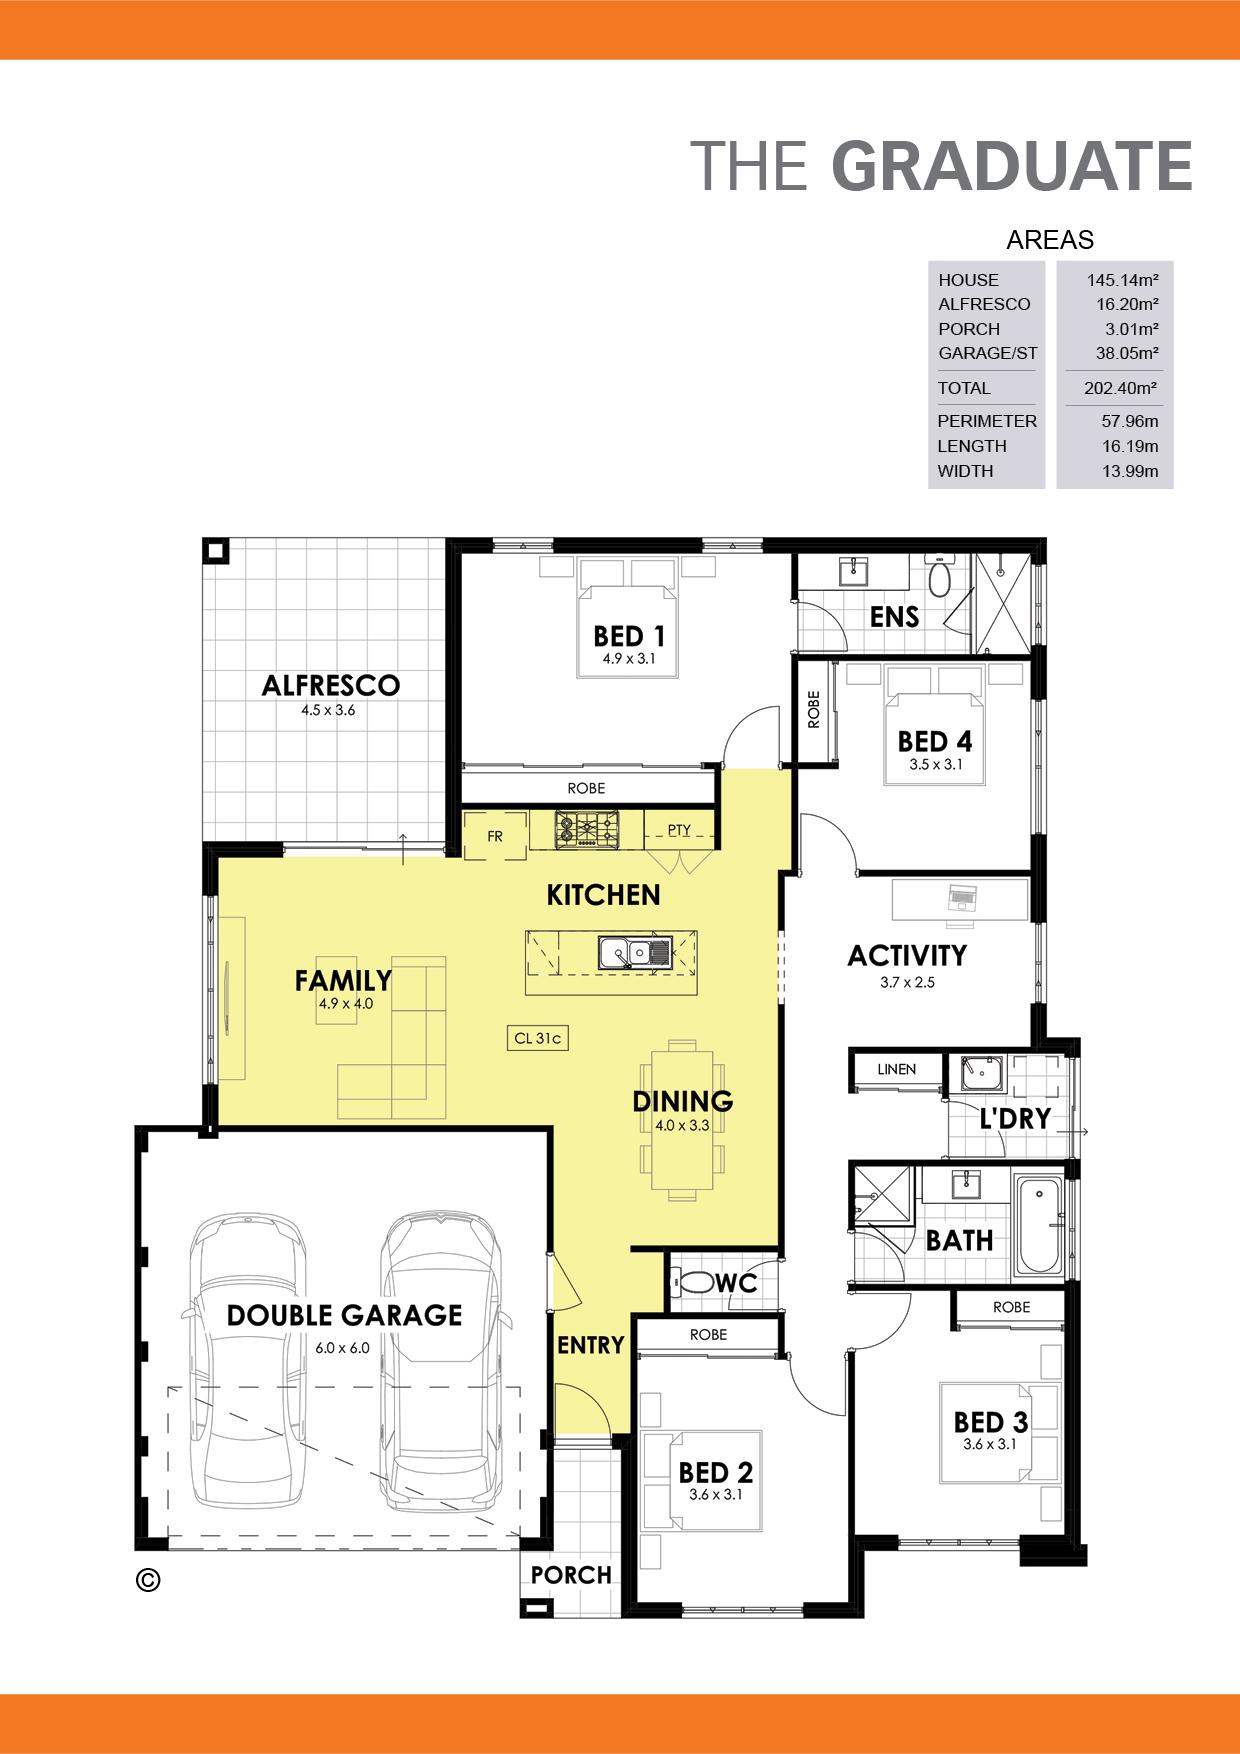 The Graduate Floorplan